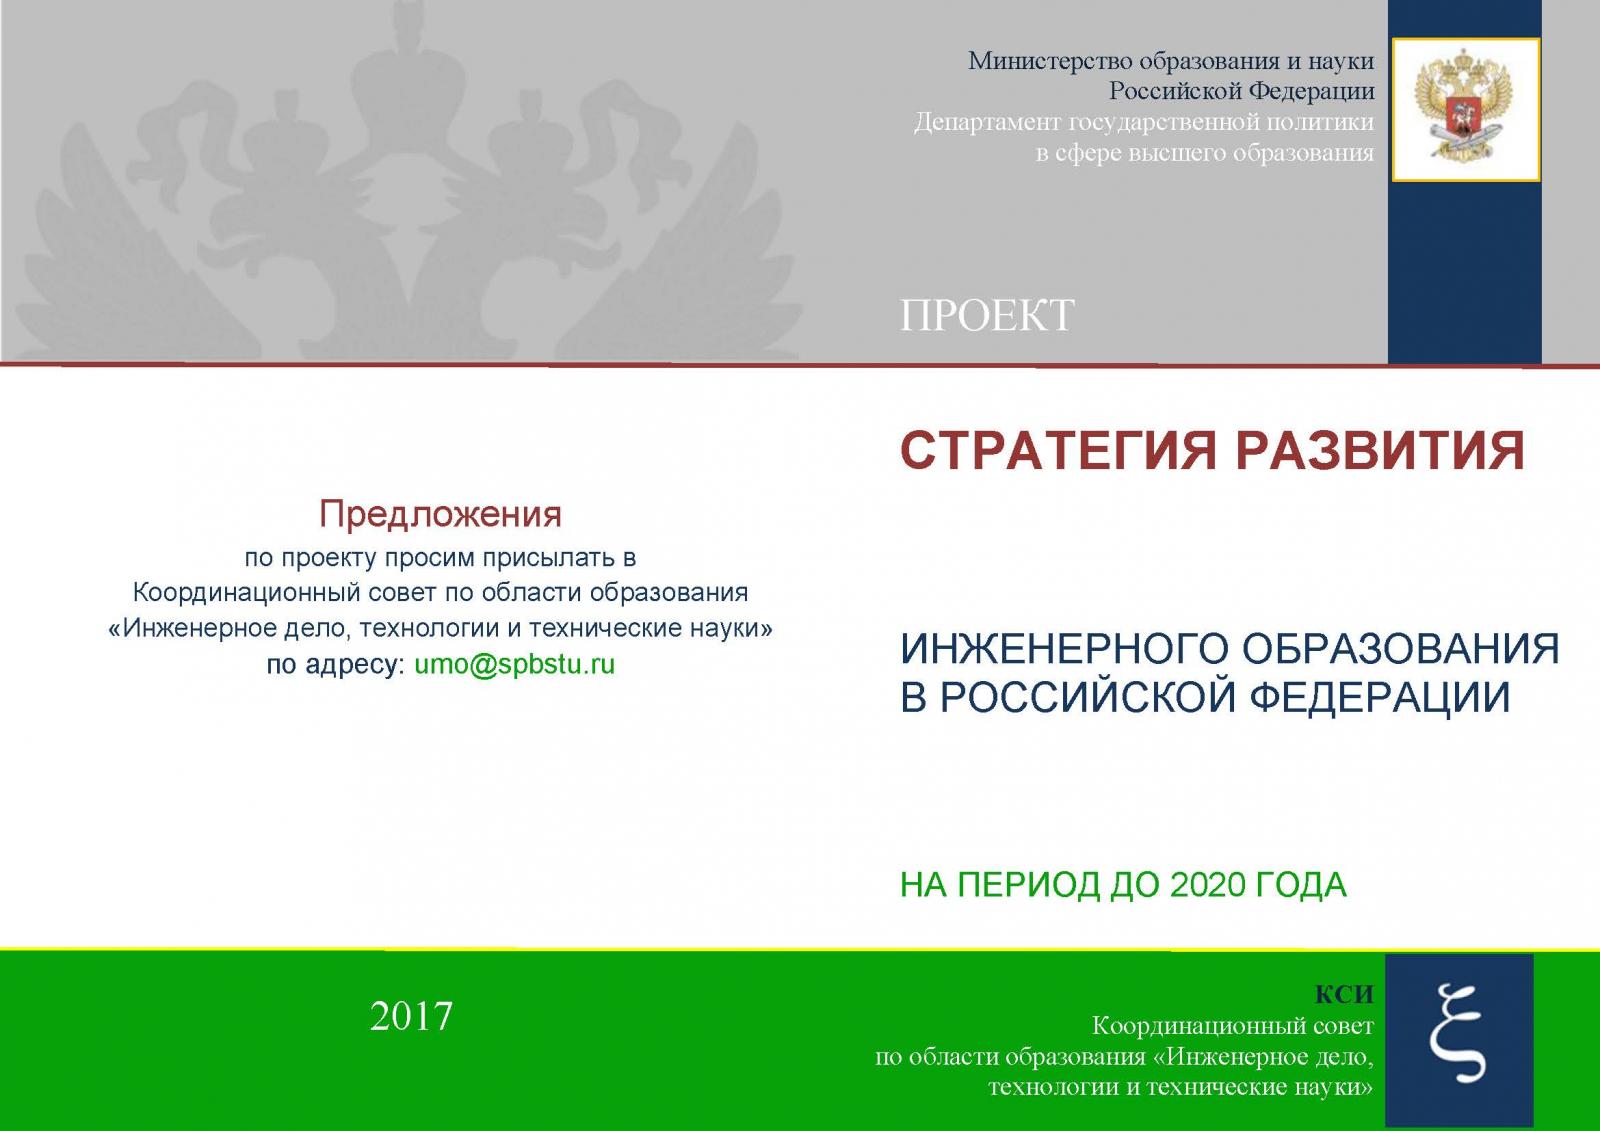 Стратегия развития инженерного образования в Российской Федерации на период до 2020 года